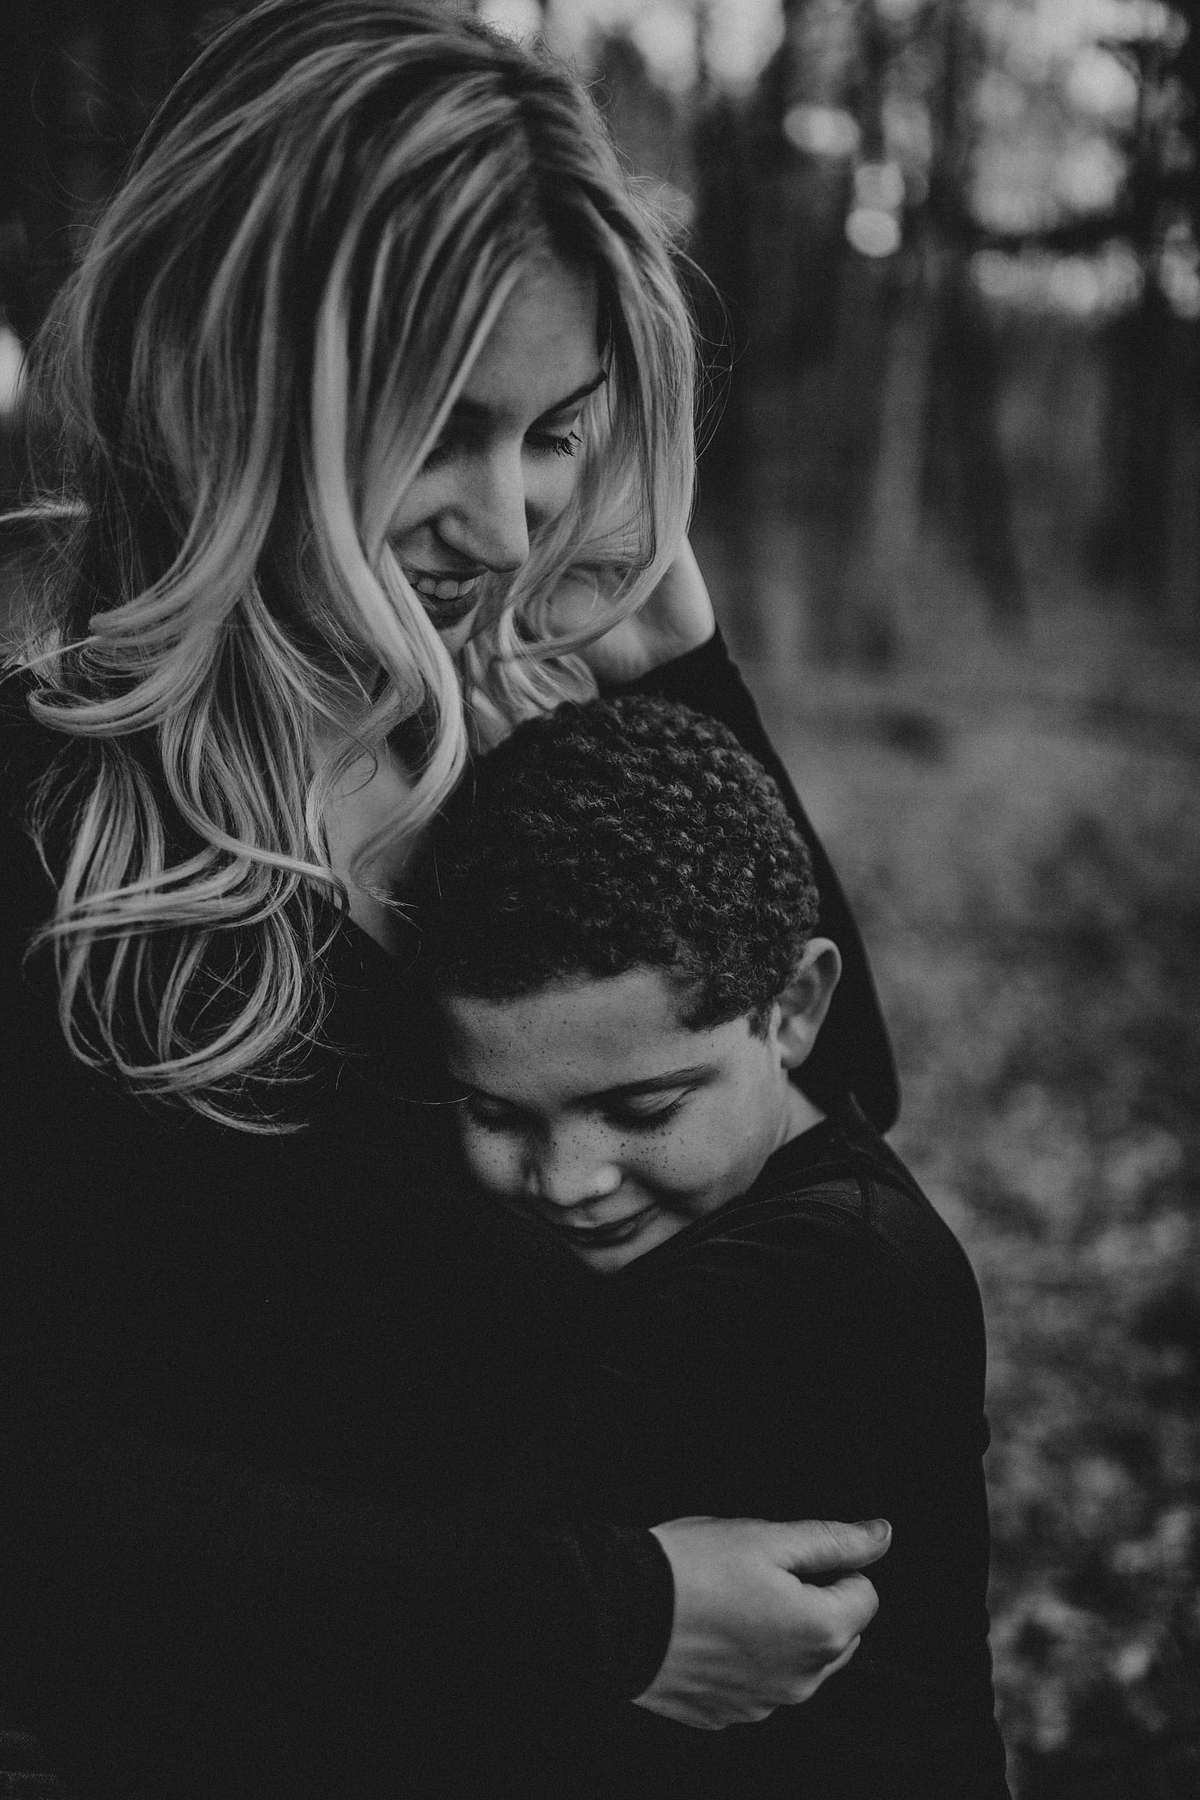 Mother Son Hug